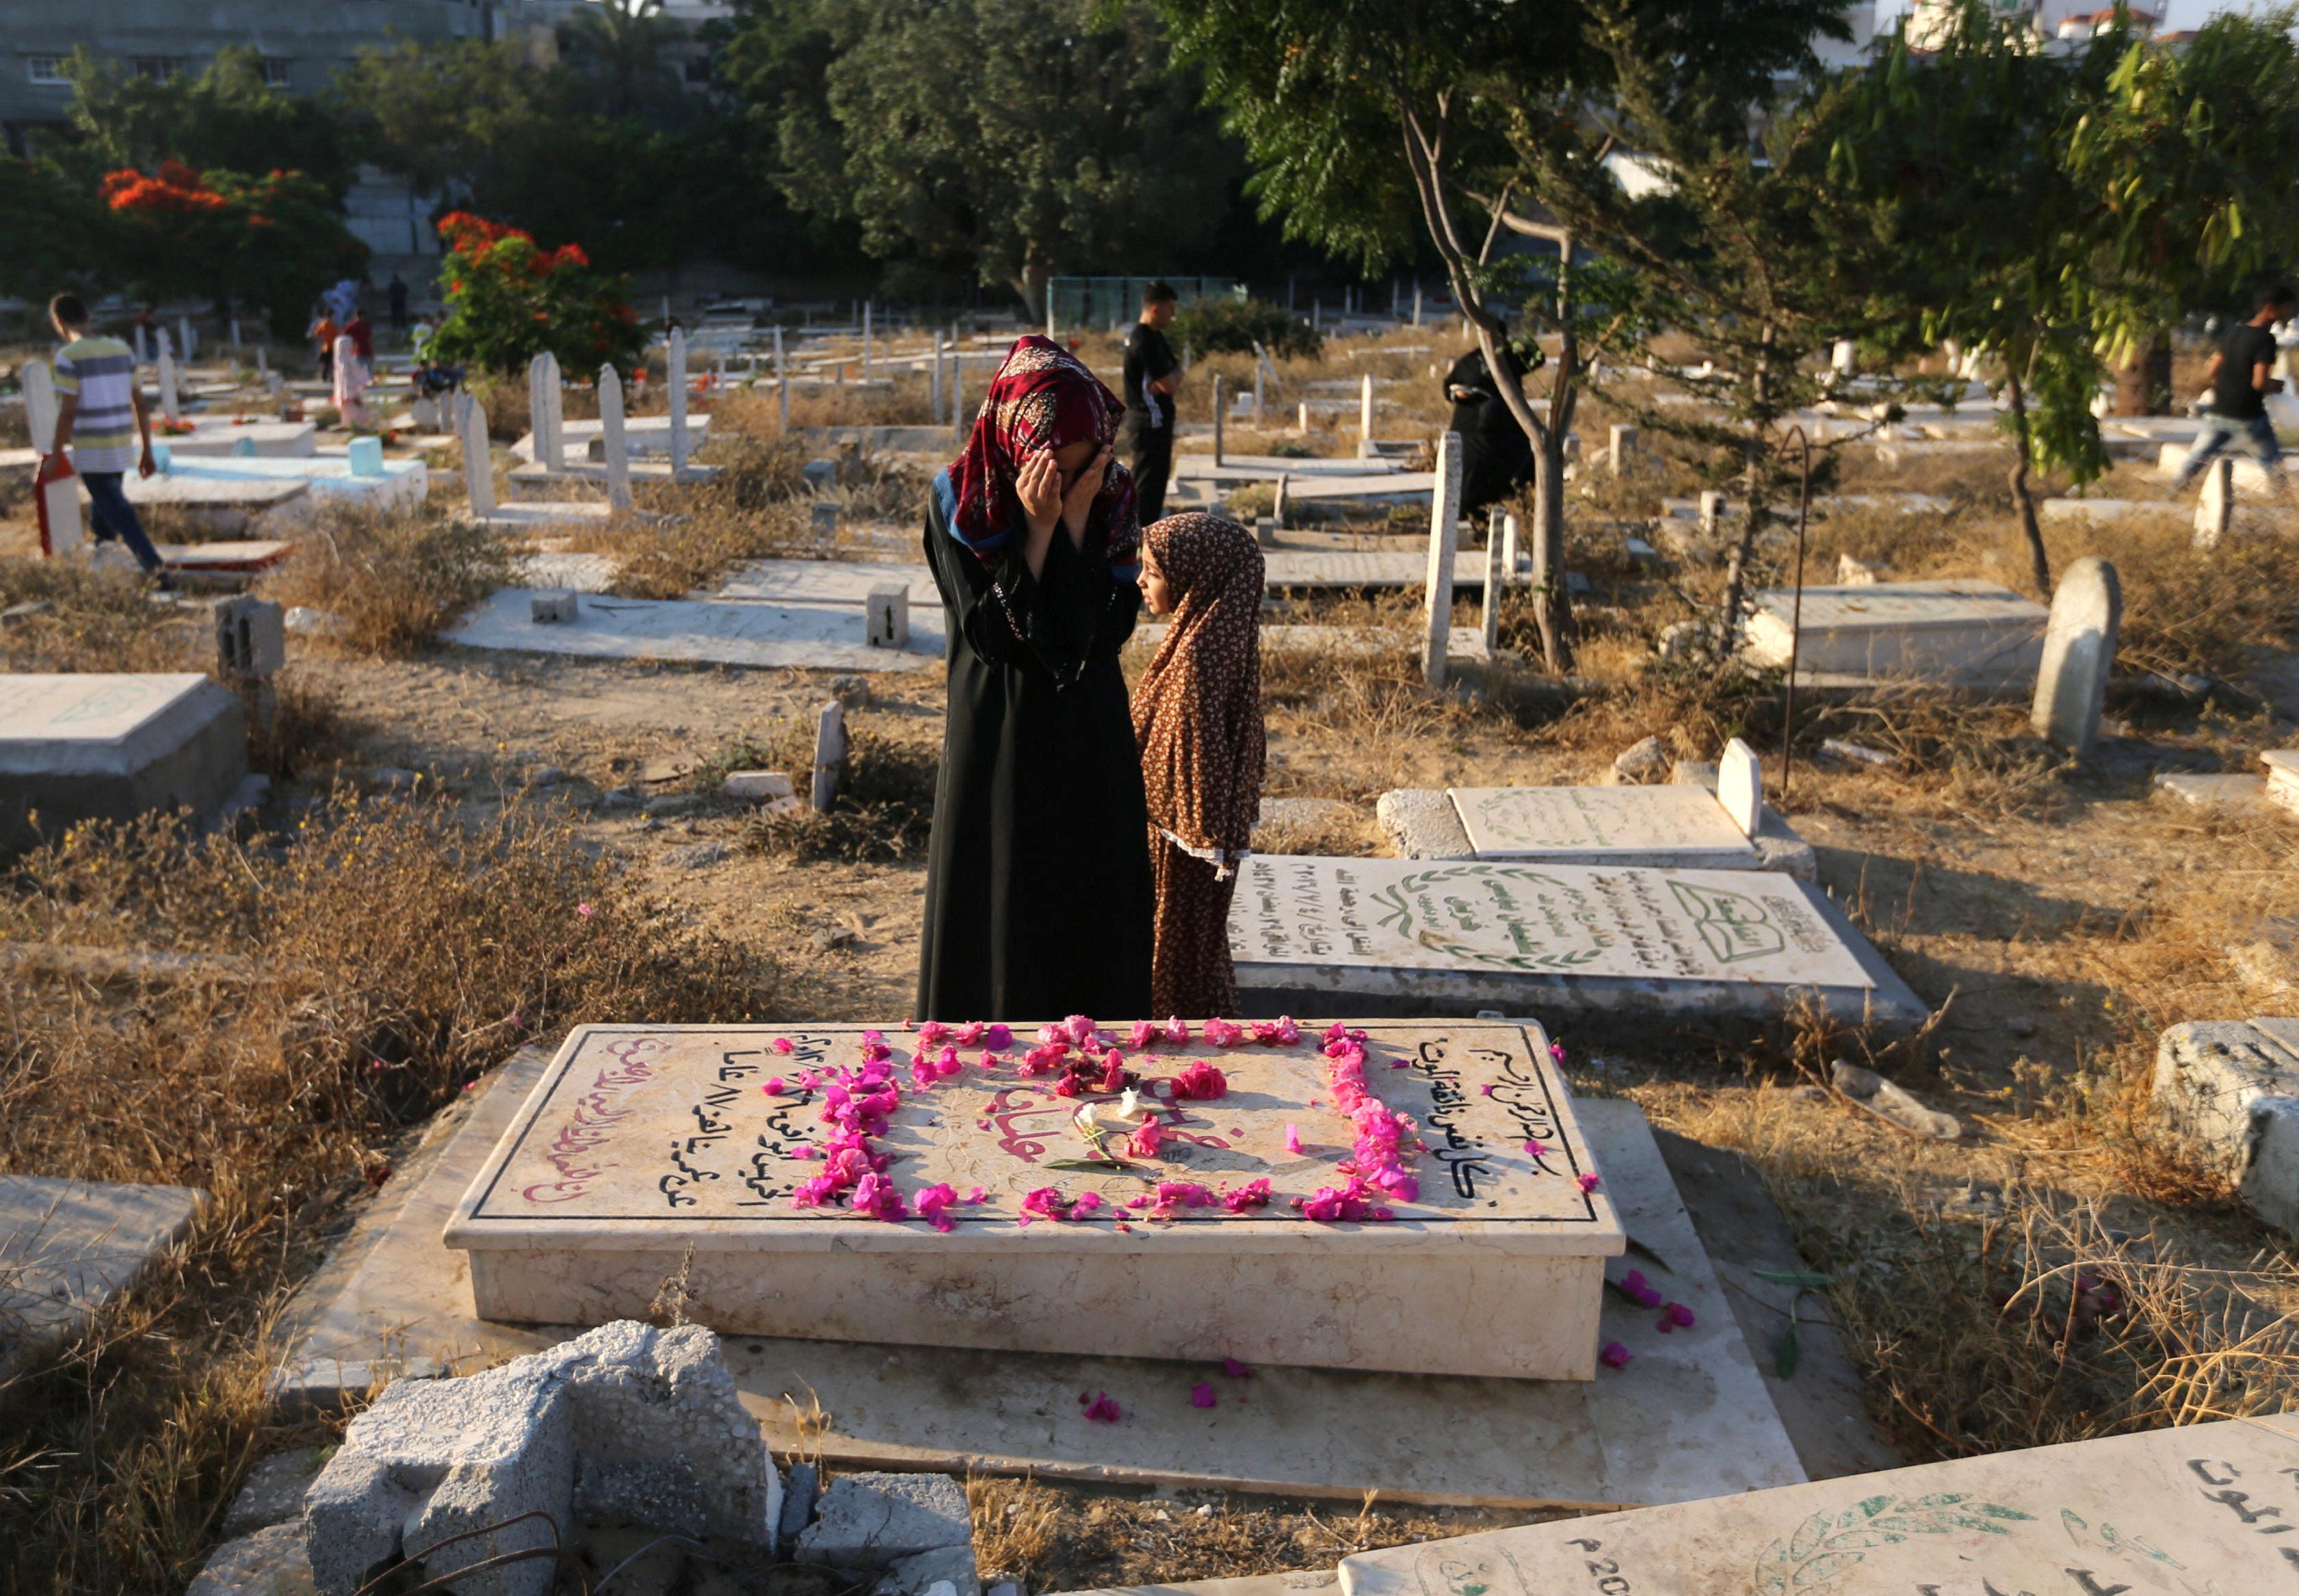 فلسطينية تصلى بجانب القبر